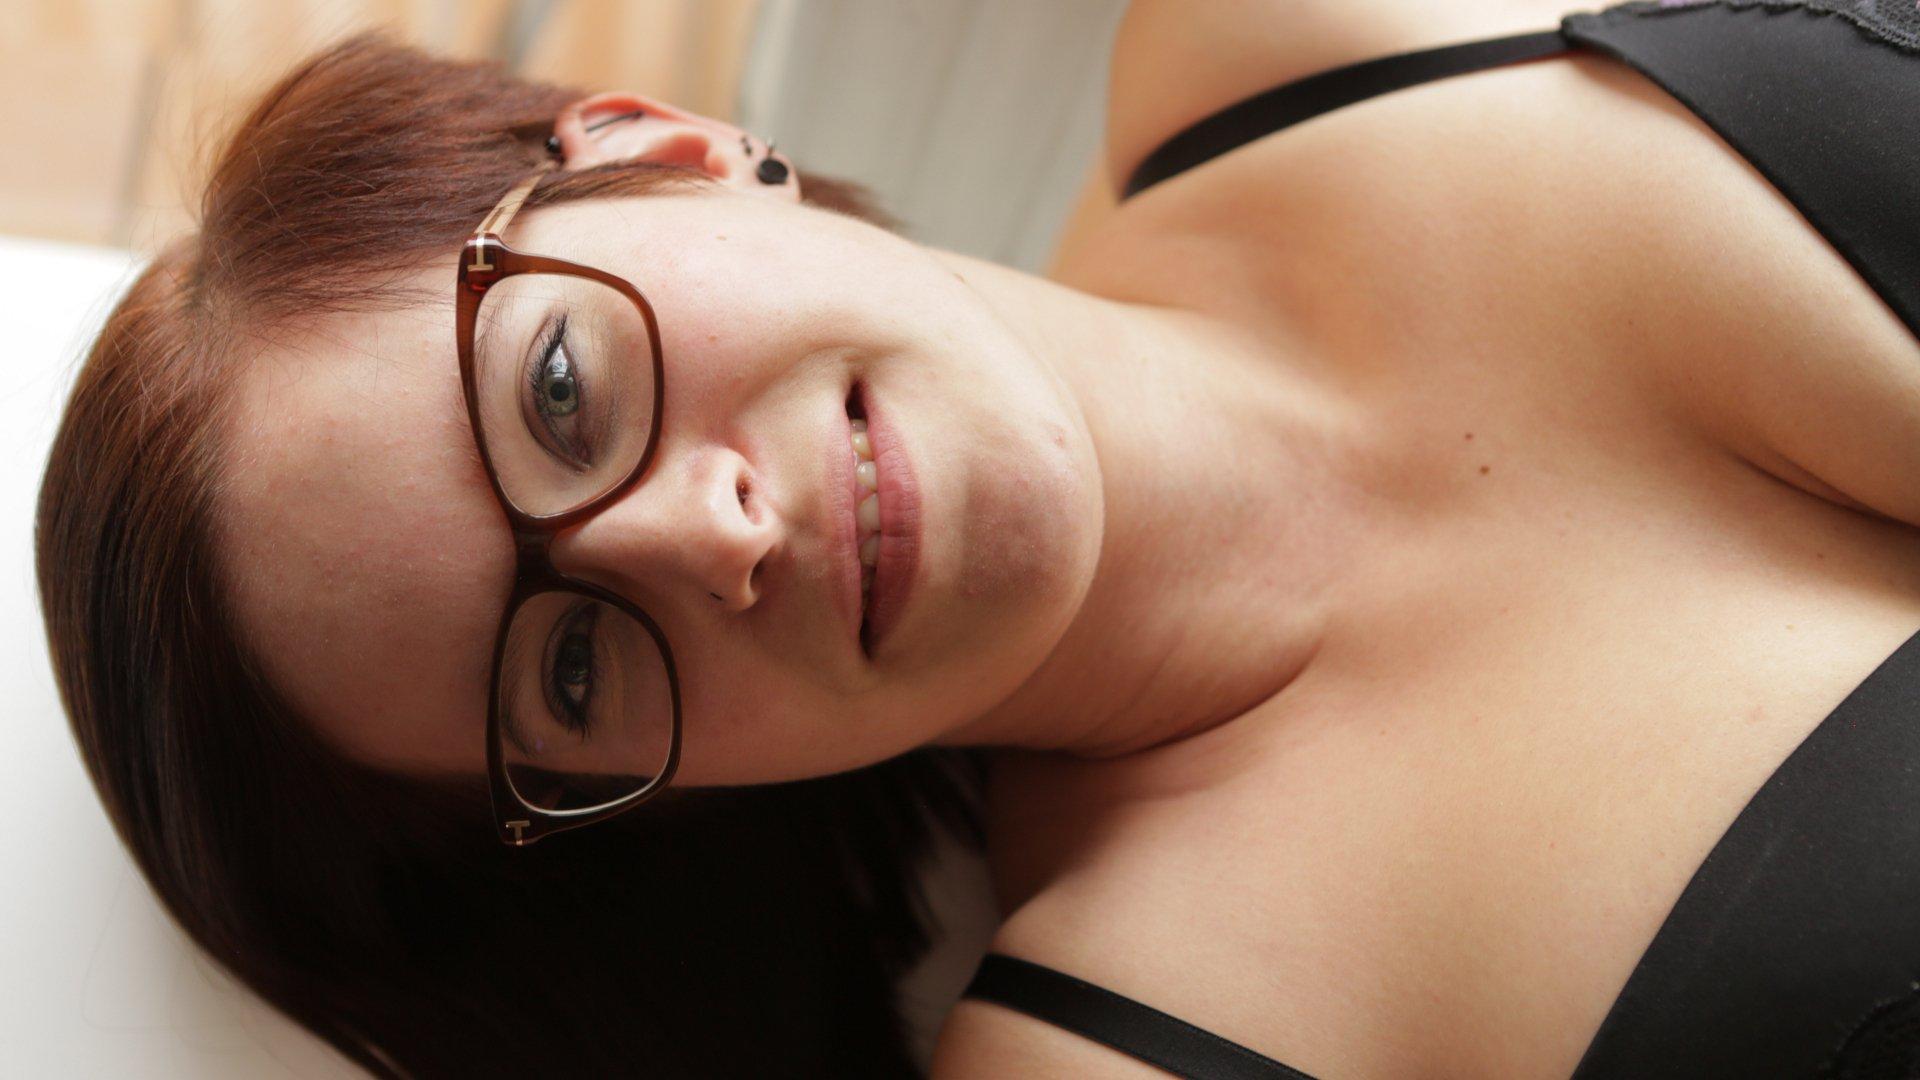 Τα μωρά που φορούν γυαλιά, είναι πολύ καυλωτικά, ειδικά αυτό που έχει και απίστευτες βυζάρες! 0010